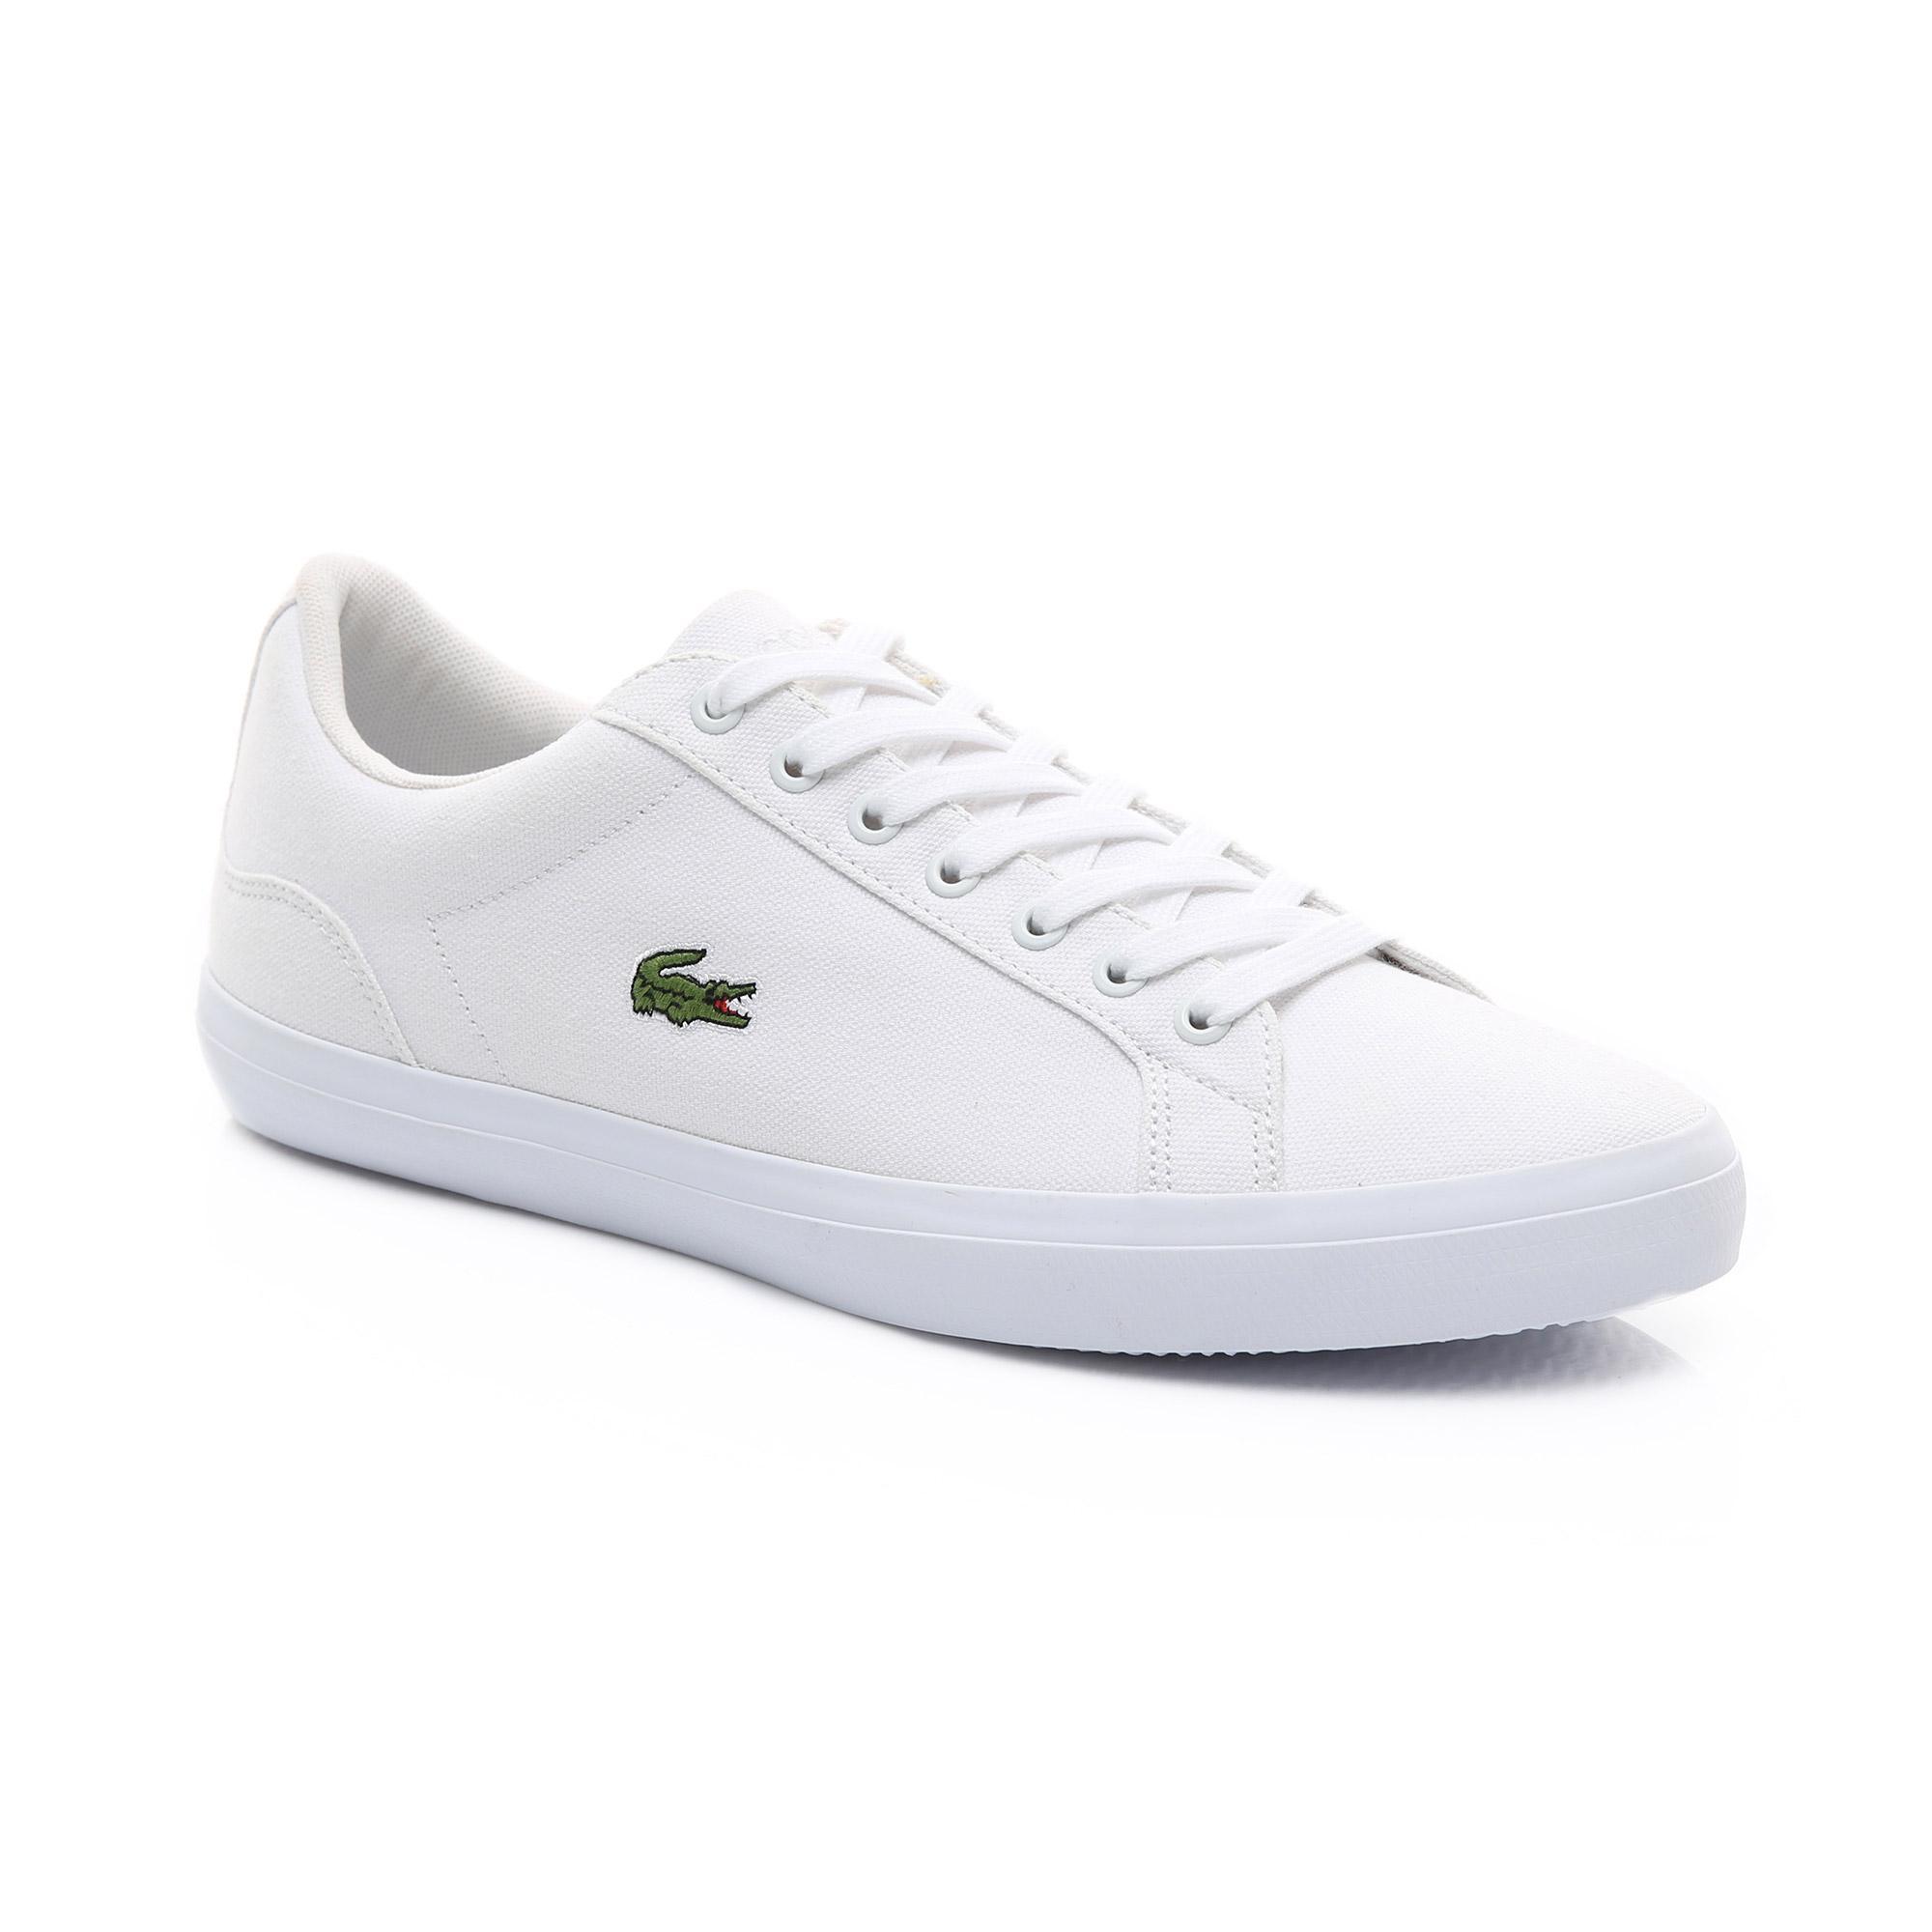 12c2c9533a7dfb Lacoste Men's Lerond Canvas Sneakers 733CAM1033 001 | lacoste.pl ...